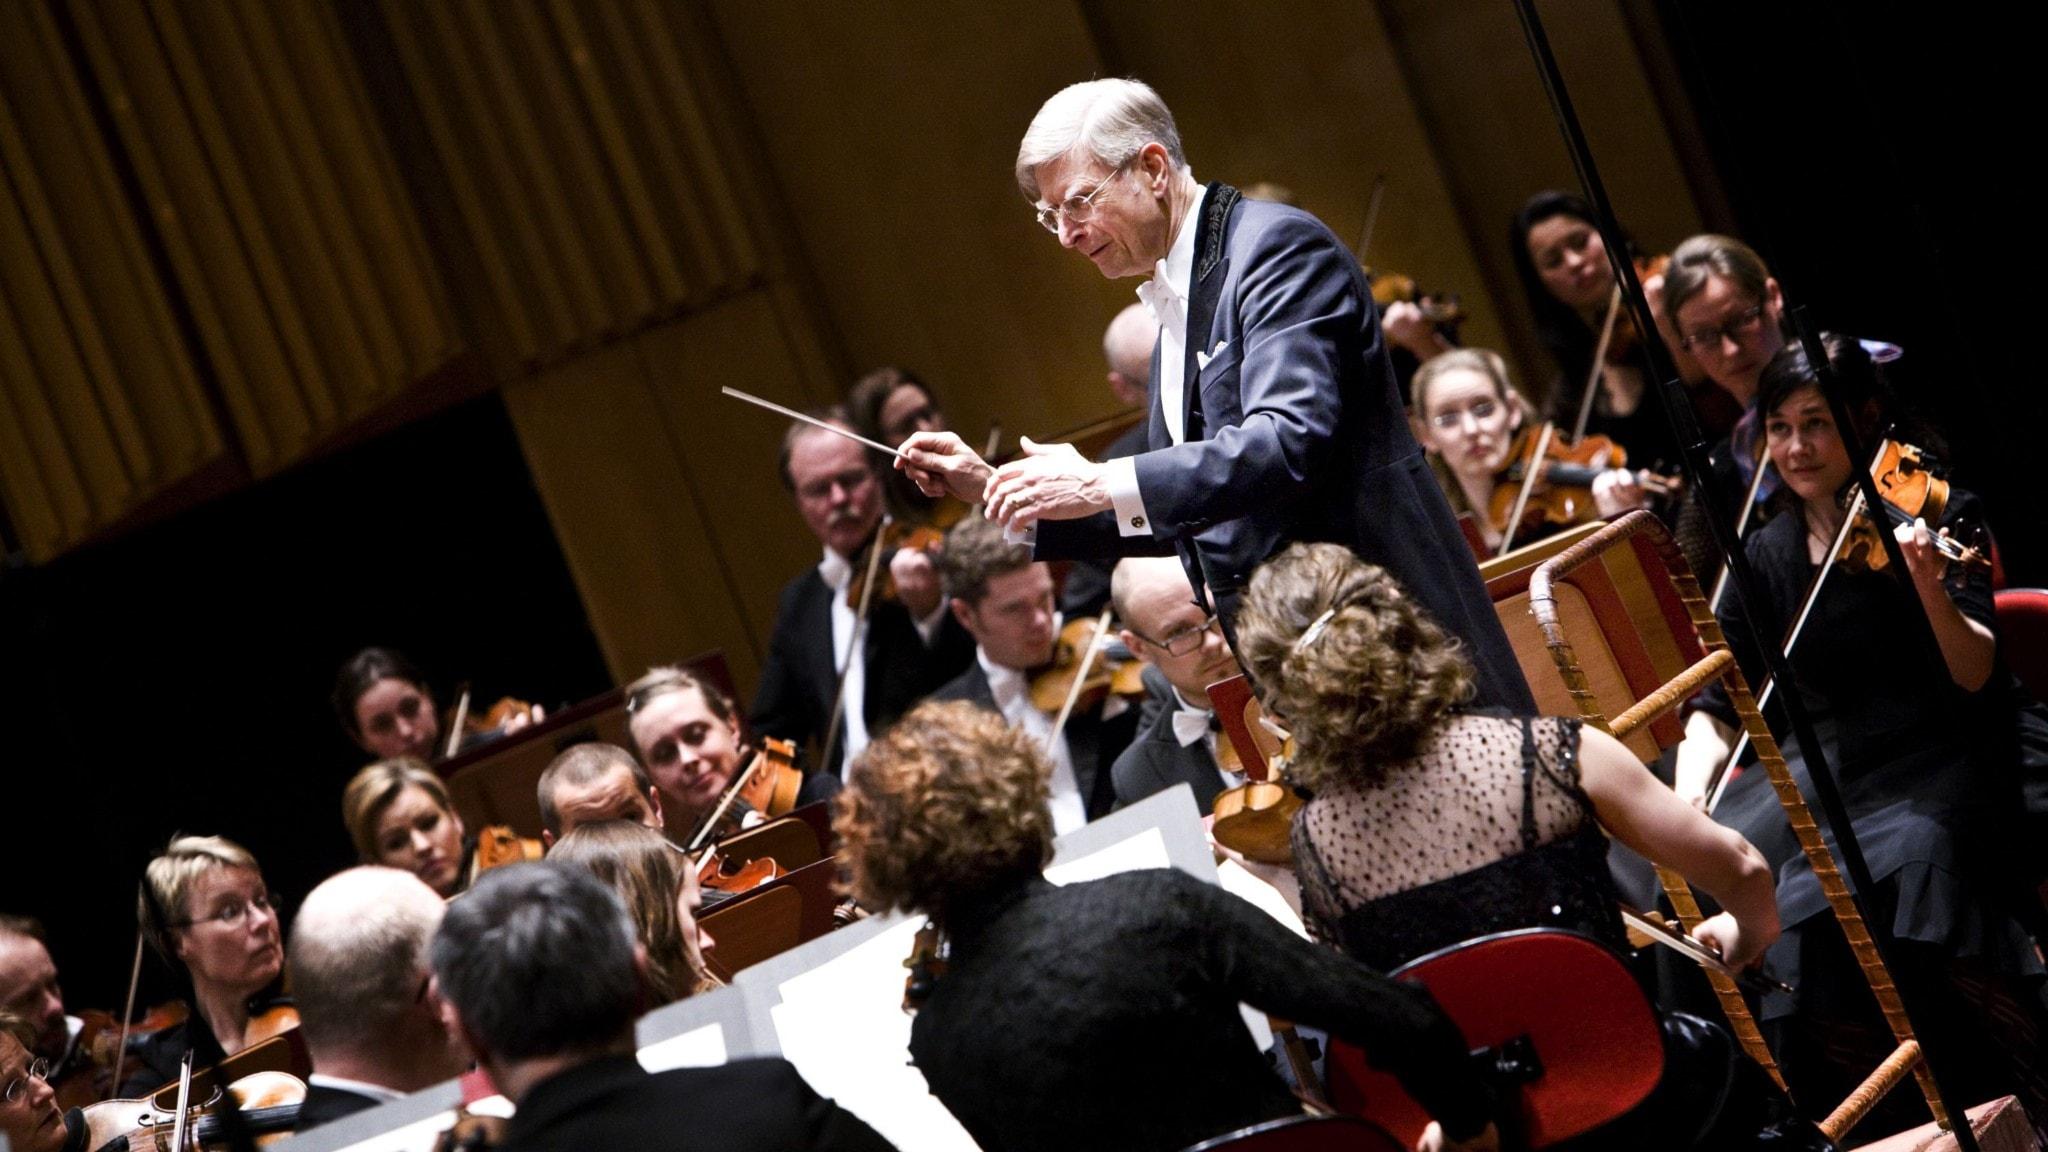 Blomstedt dirigerar Beethovens Missa solemnis